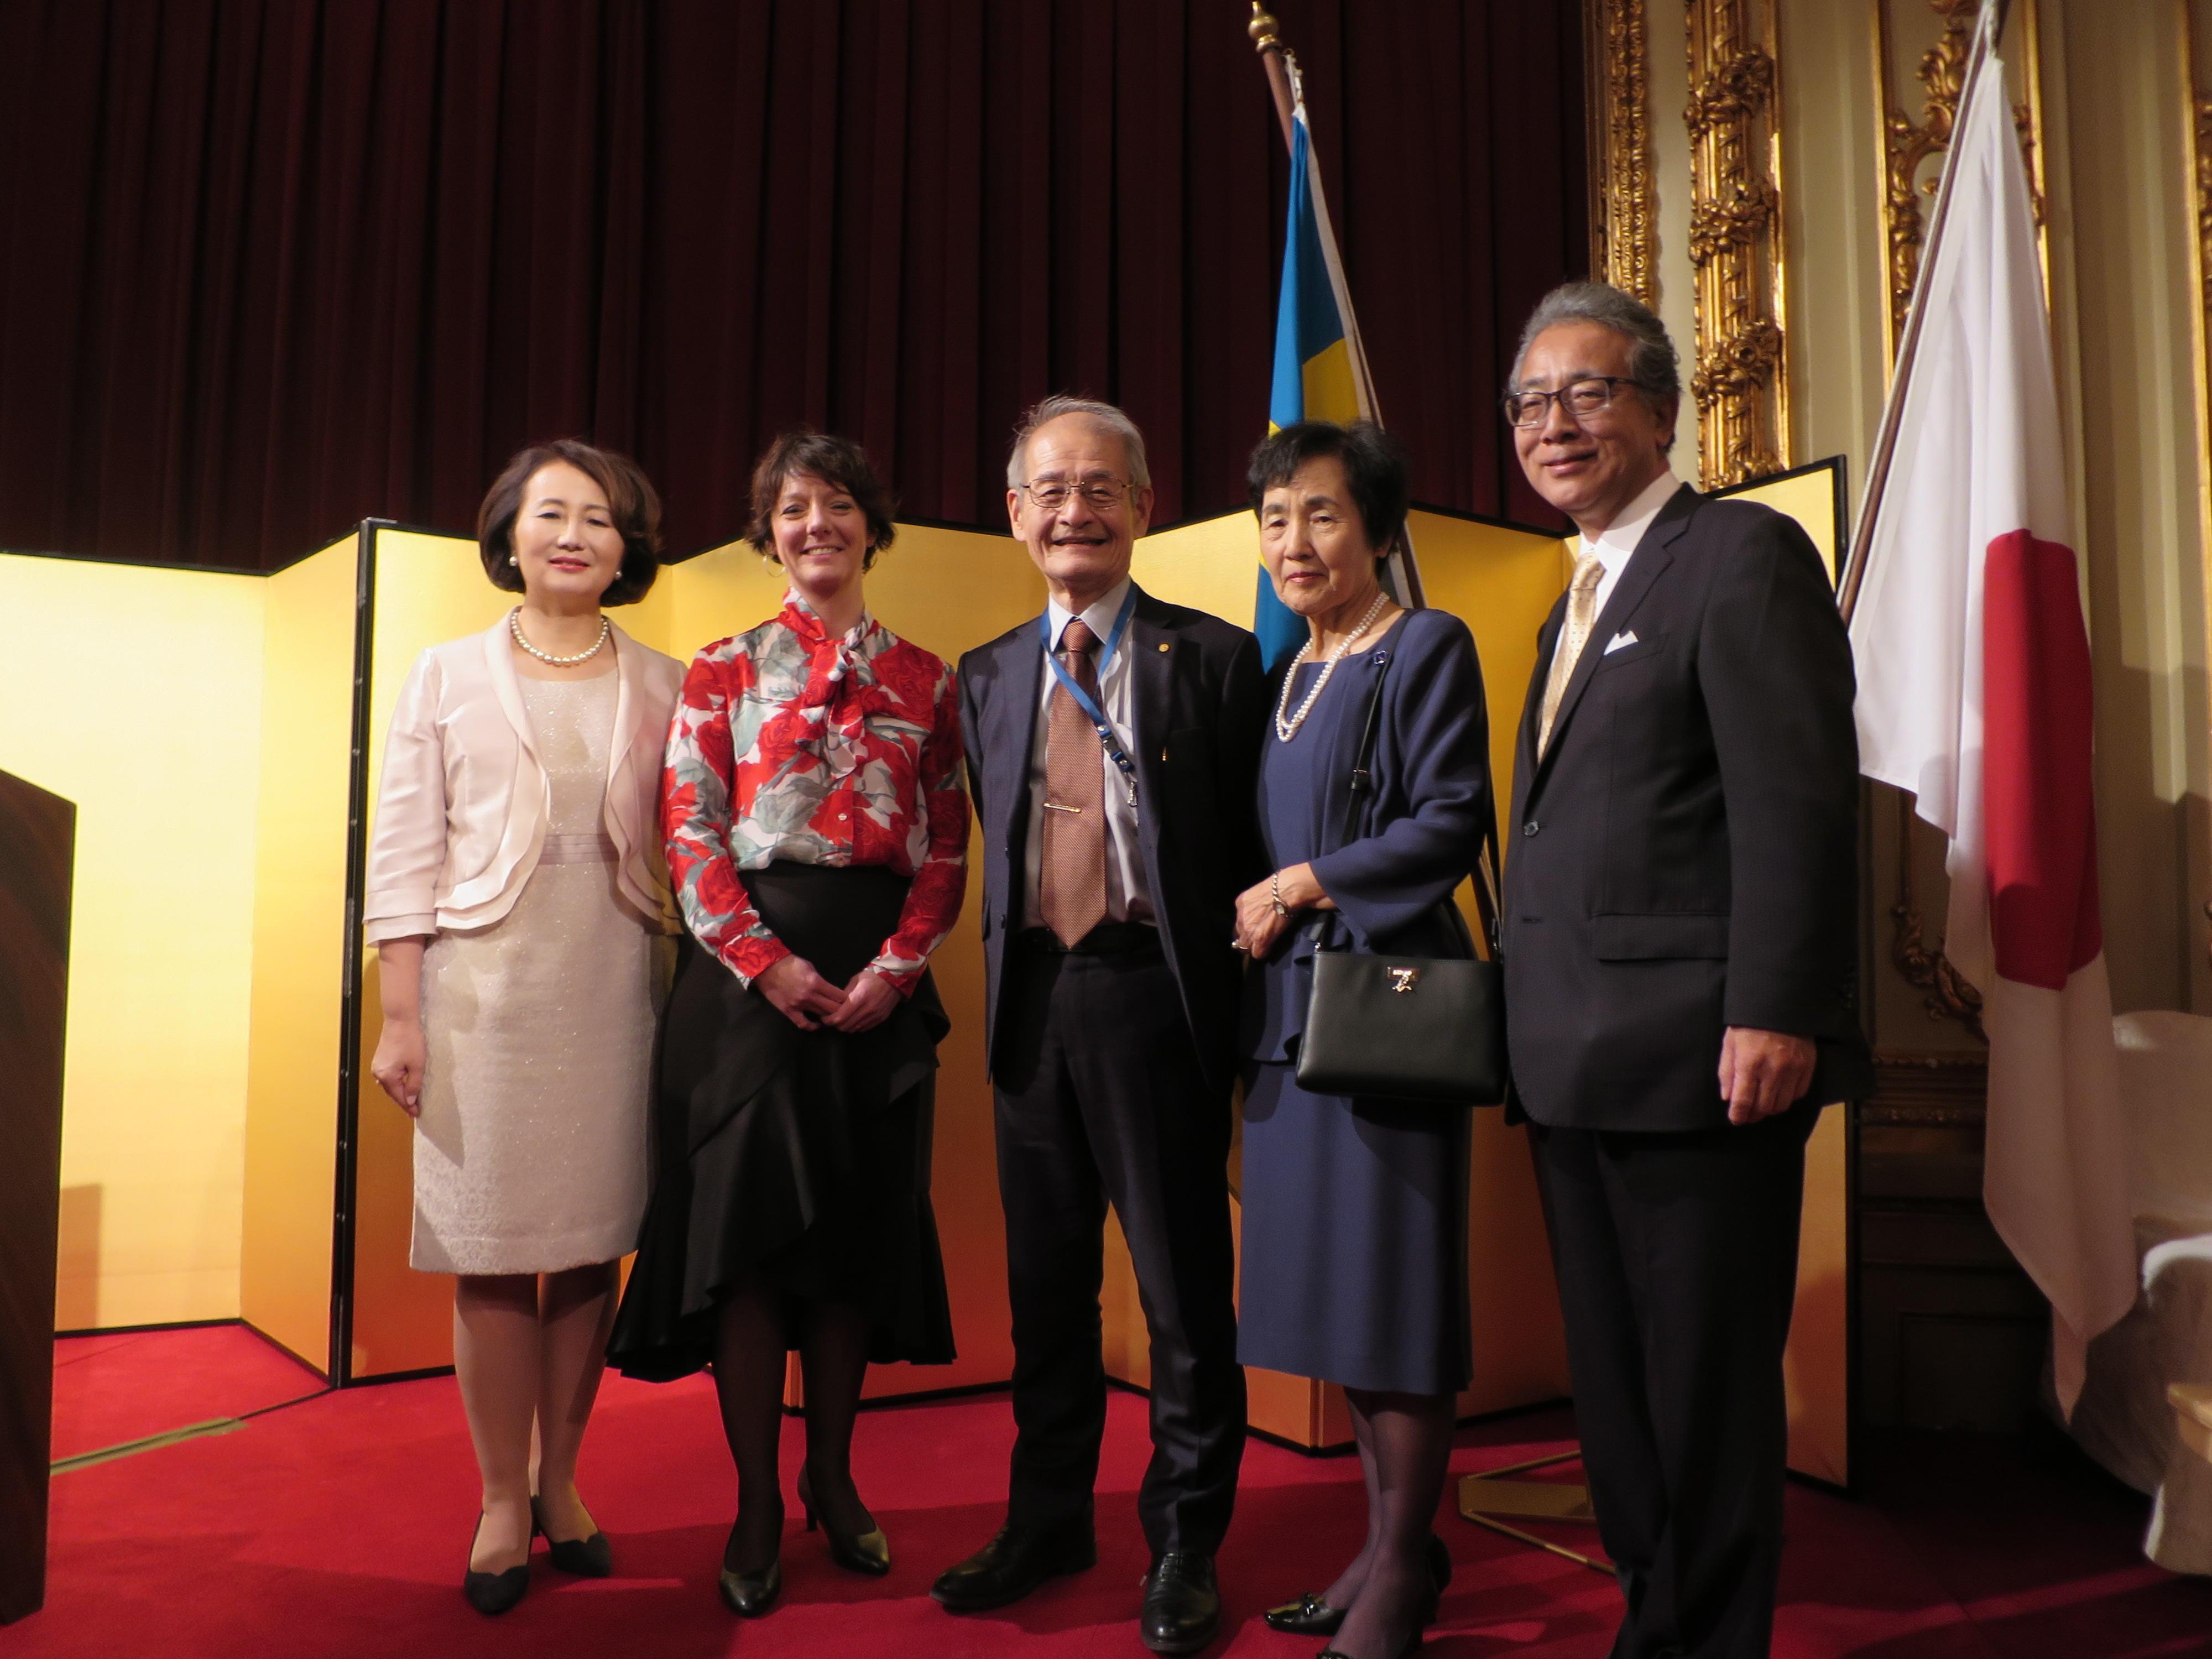 廣木大使やスウェーデンの大臣らと記念写真に納まる吉野教授(中央)と久美子夫人(右から2人目)